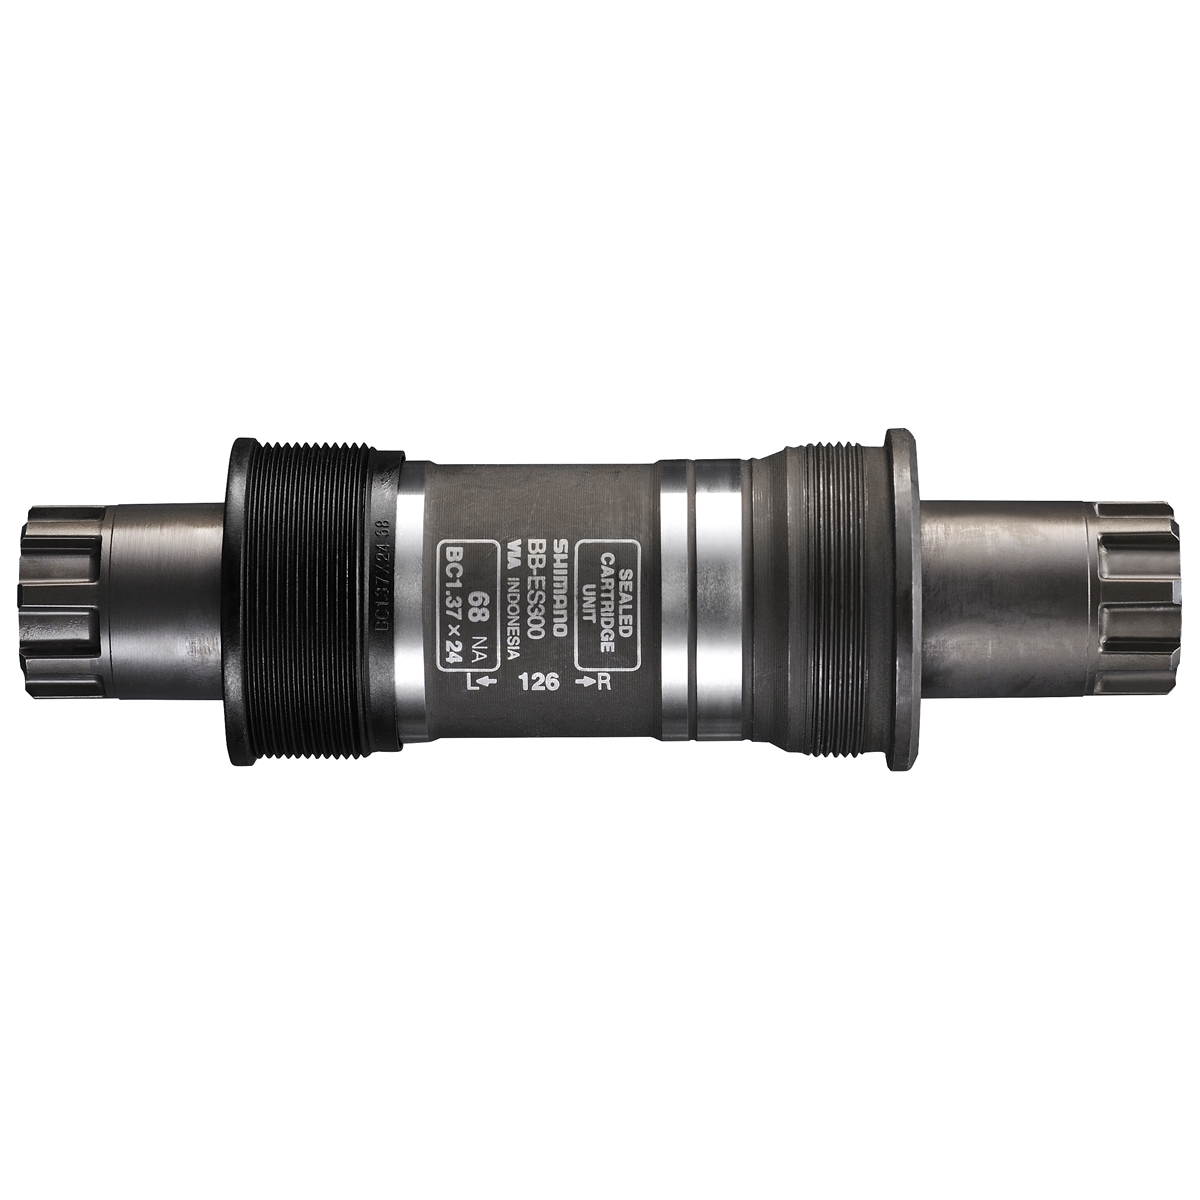 Boîtier de pédalier Shimano ES300 BSA Octalink 68 x 113 mm